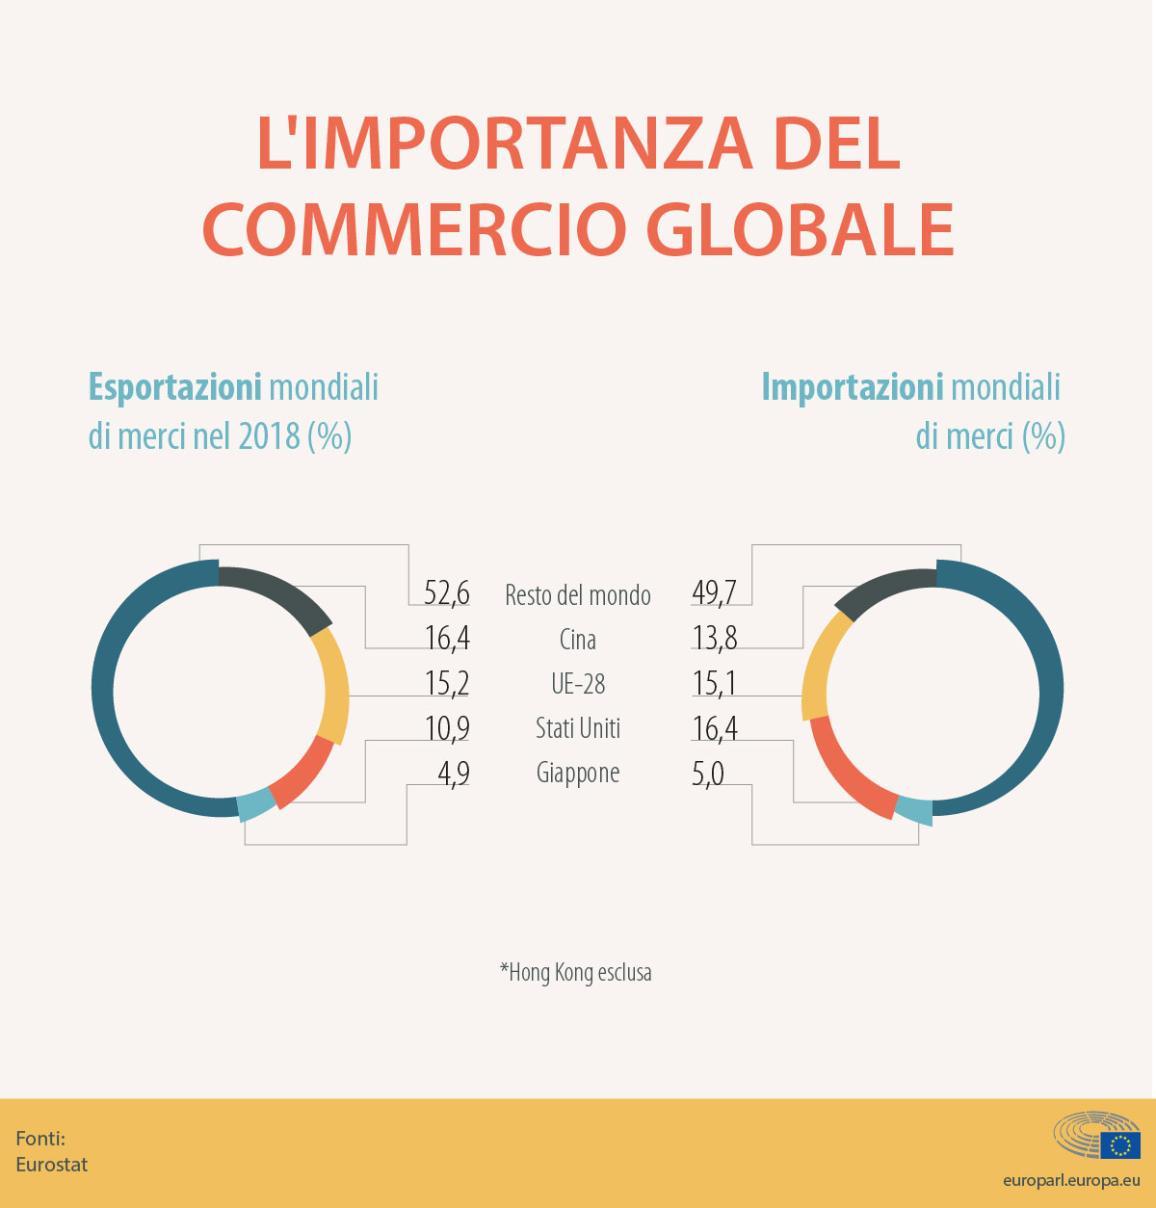 Infografica sul commercio globale: esportazioni e importazioni